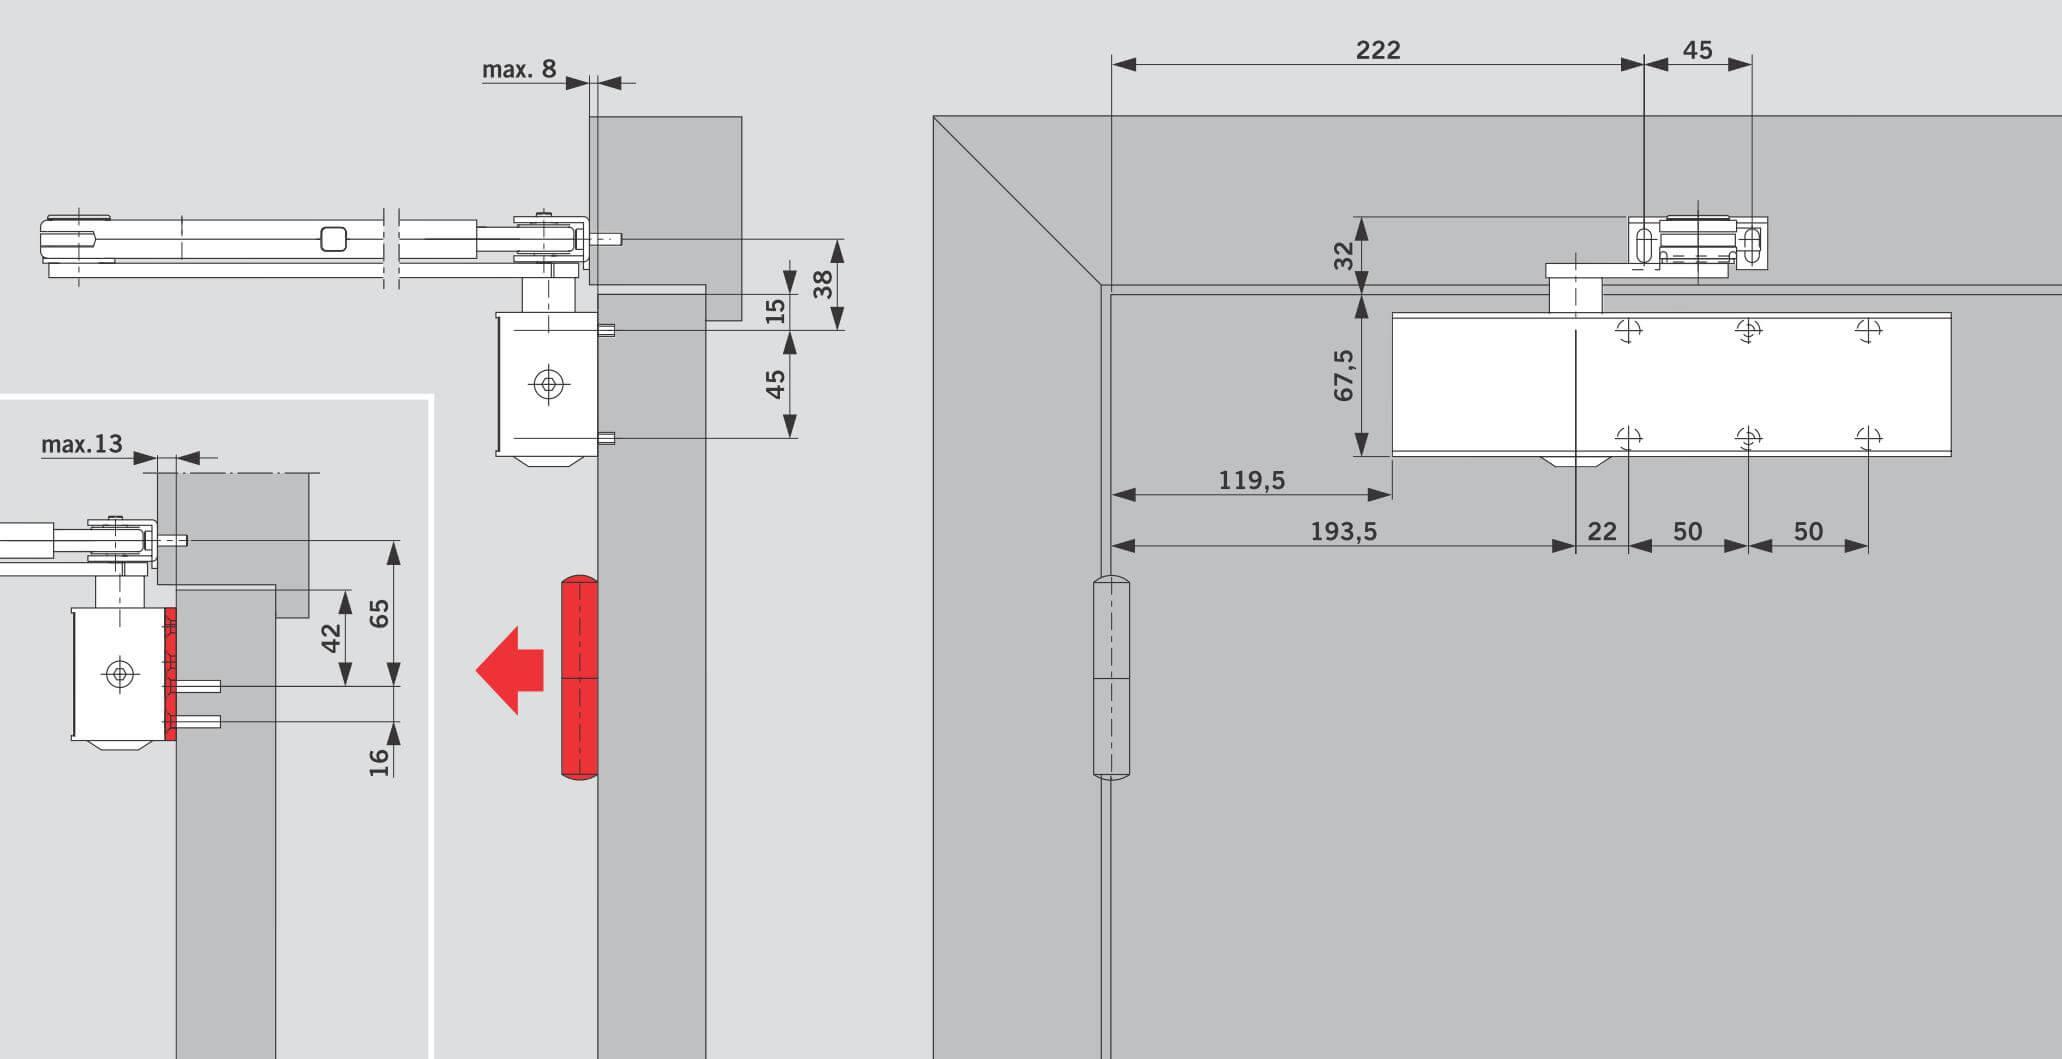 Монтаж на дверном полотне со стороны петель для моделей с рычагом ФОП - DORMA TS 73V